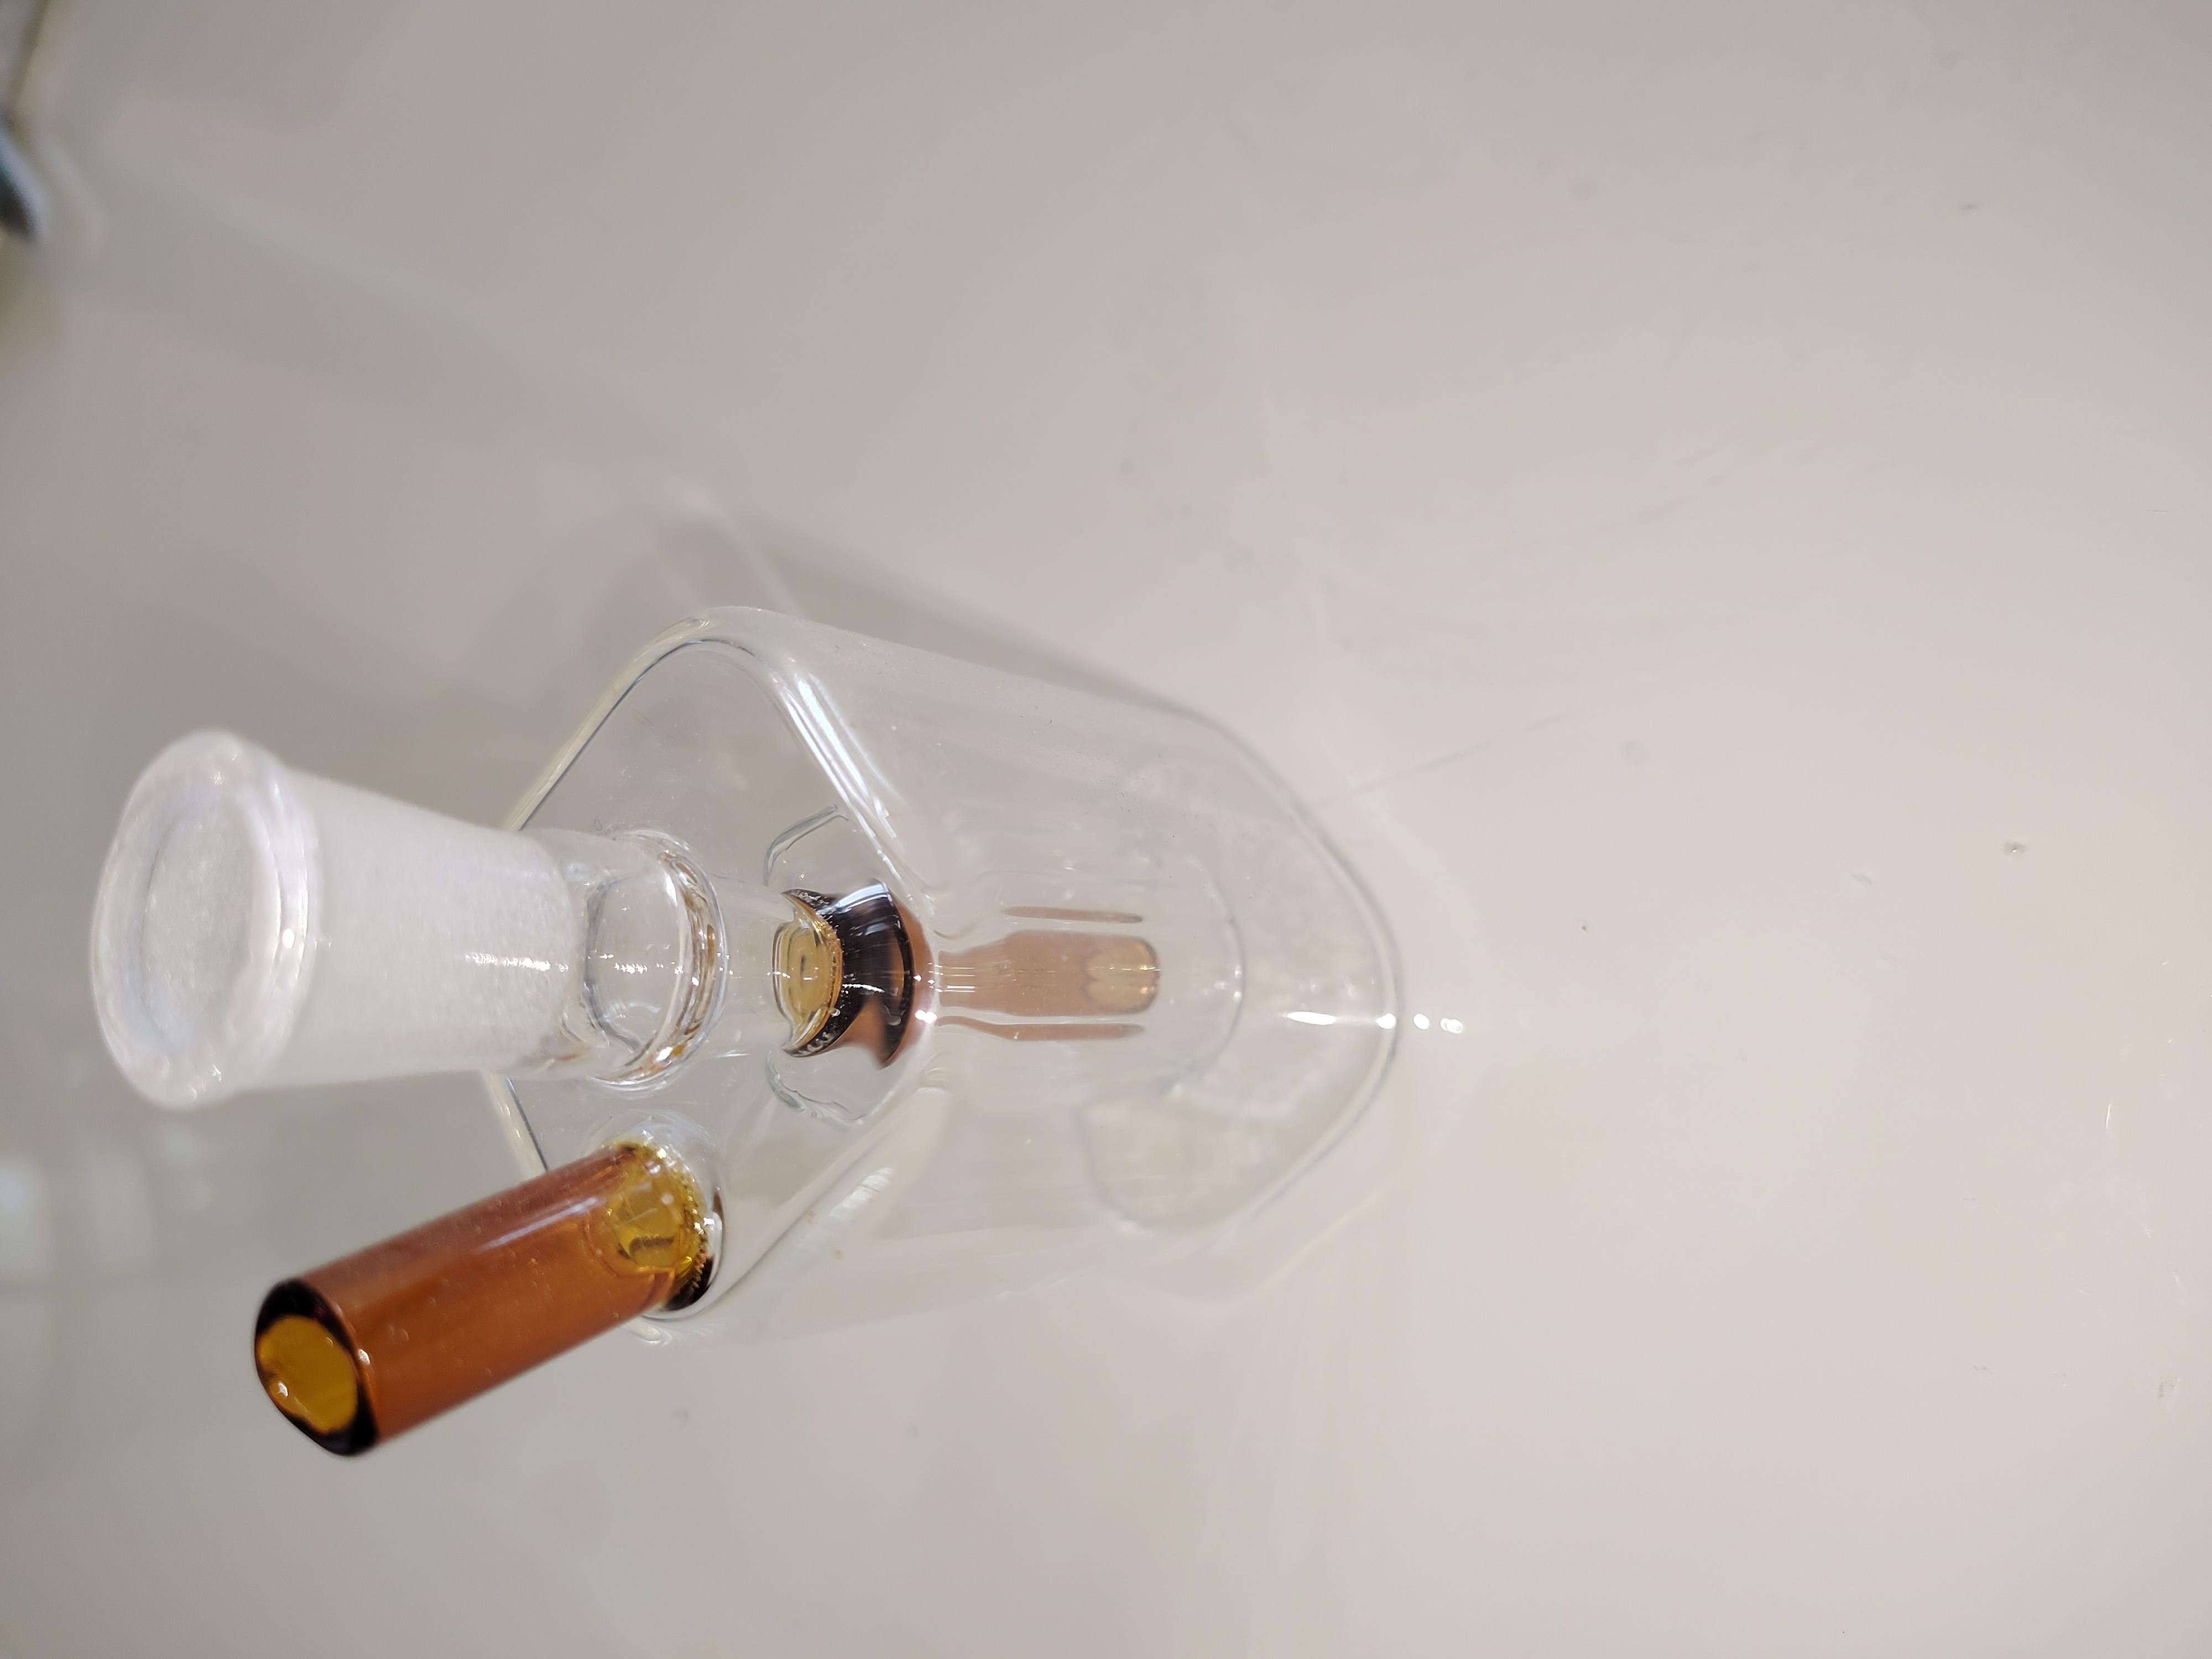 Le moins cher verre brûleur à mazout d'accessoires de distribution de bouteille en verre d'huile cigarette ensemble couleur combustion du tuyau collecteur portable Livraison: 111